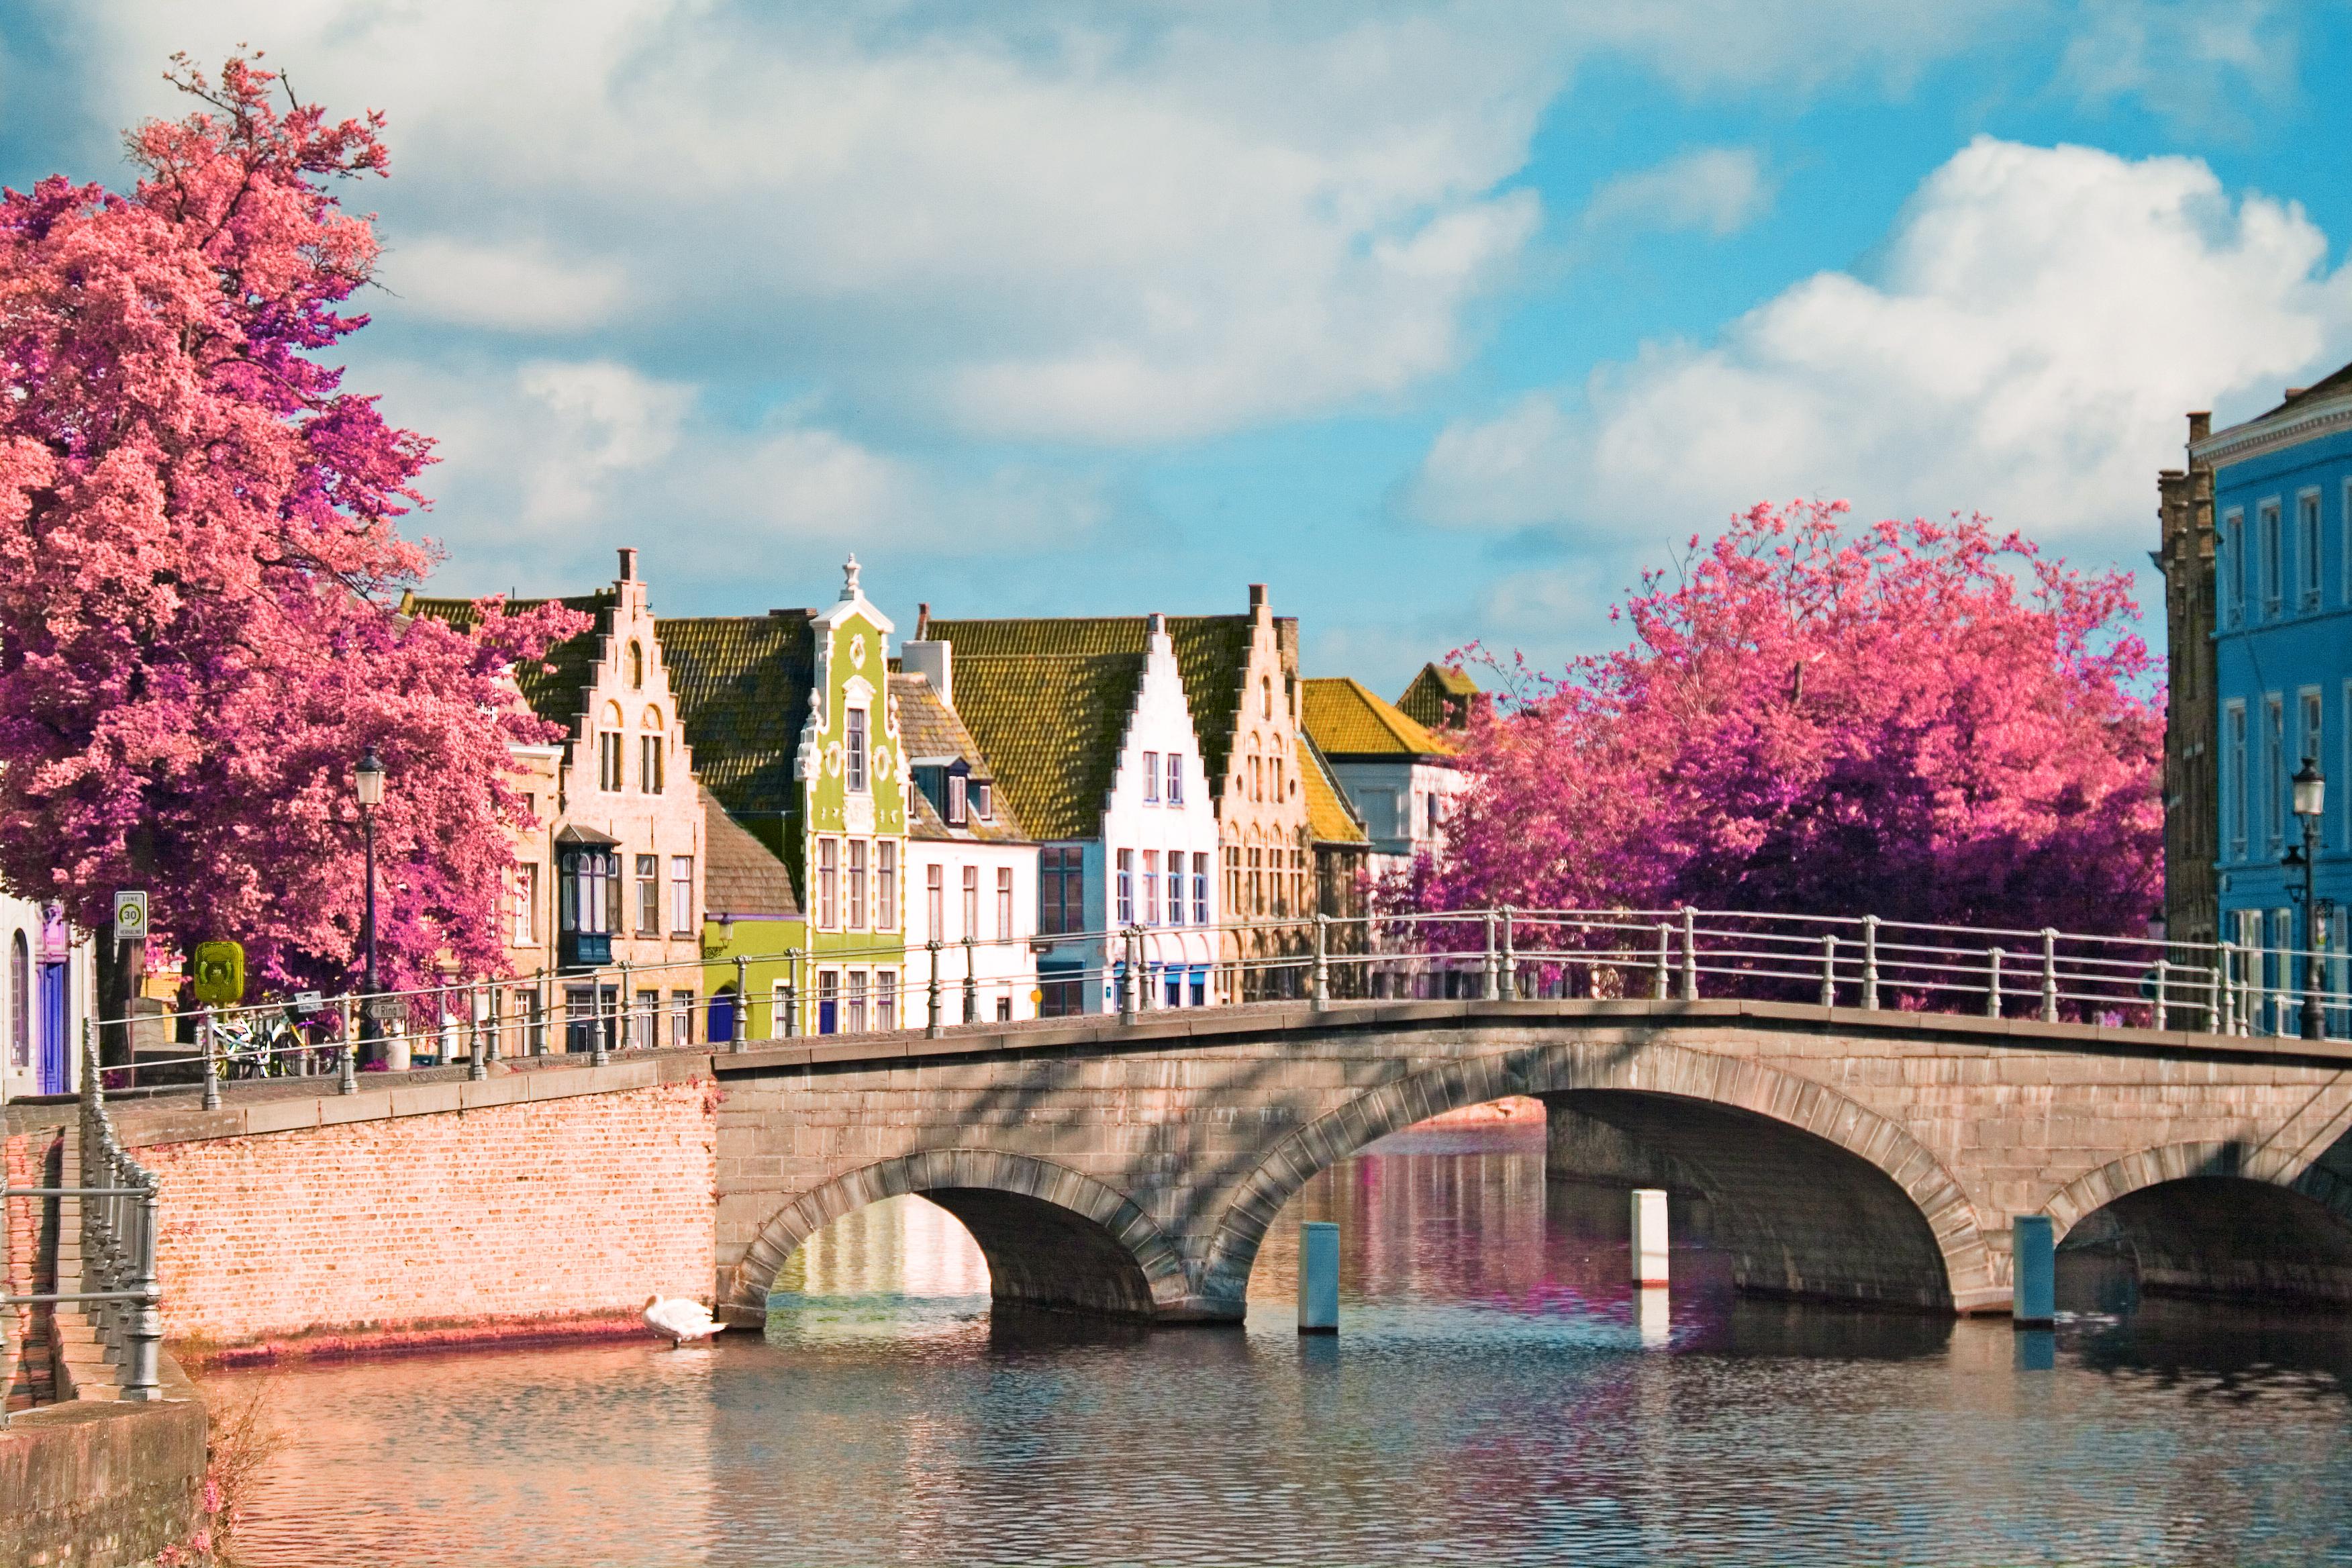 <strong>Брюж – най-романтичното градче в Белгия </strong><br> <br> Брюж е град приказка в джобен формат – укрепено средновековно селище, което на пръв поглед сякаш е замръзнало във времето. Каналите следват своя път през центъра, отразявайки островърхите фасади, кули и покриви на столетните сгради. В прегръдката на яйцевидния пръстен на старите градски стени е скътан добре подреден лабиринт от павирани улици, градинки, тихи площади, готически църкви и варосани в бяло странноприемници.